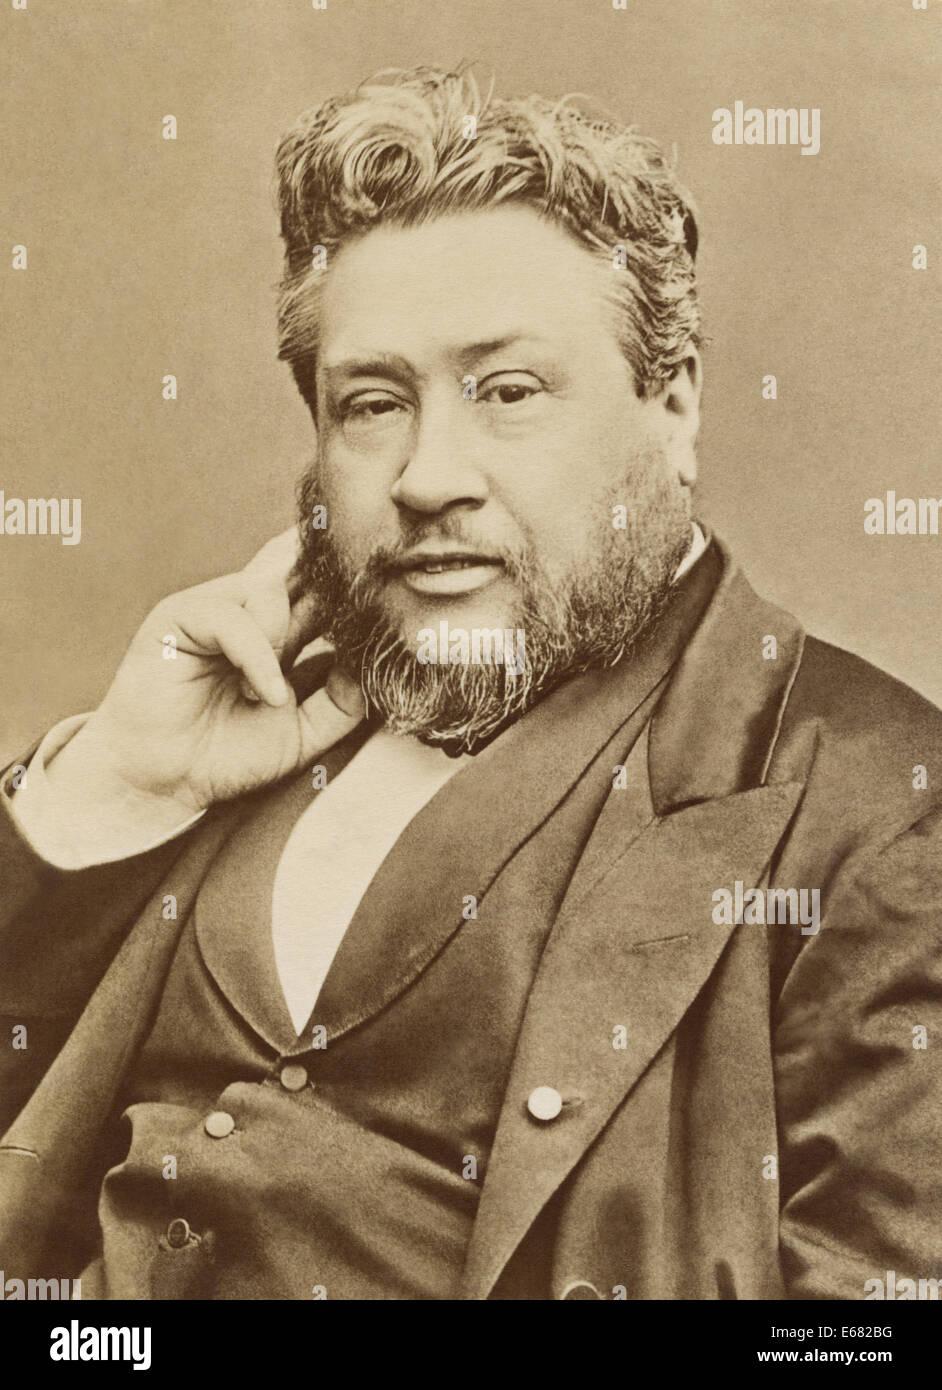 """Charles Haddon (C.H.) Spurgeon, renommierten Baptistenprediger in London bekannt als """"Prinz der Prediger."""" Porträt Stockfoto"""